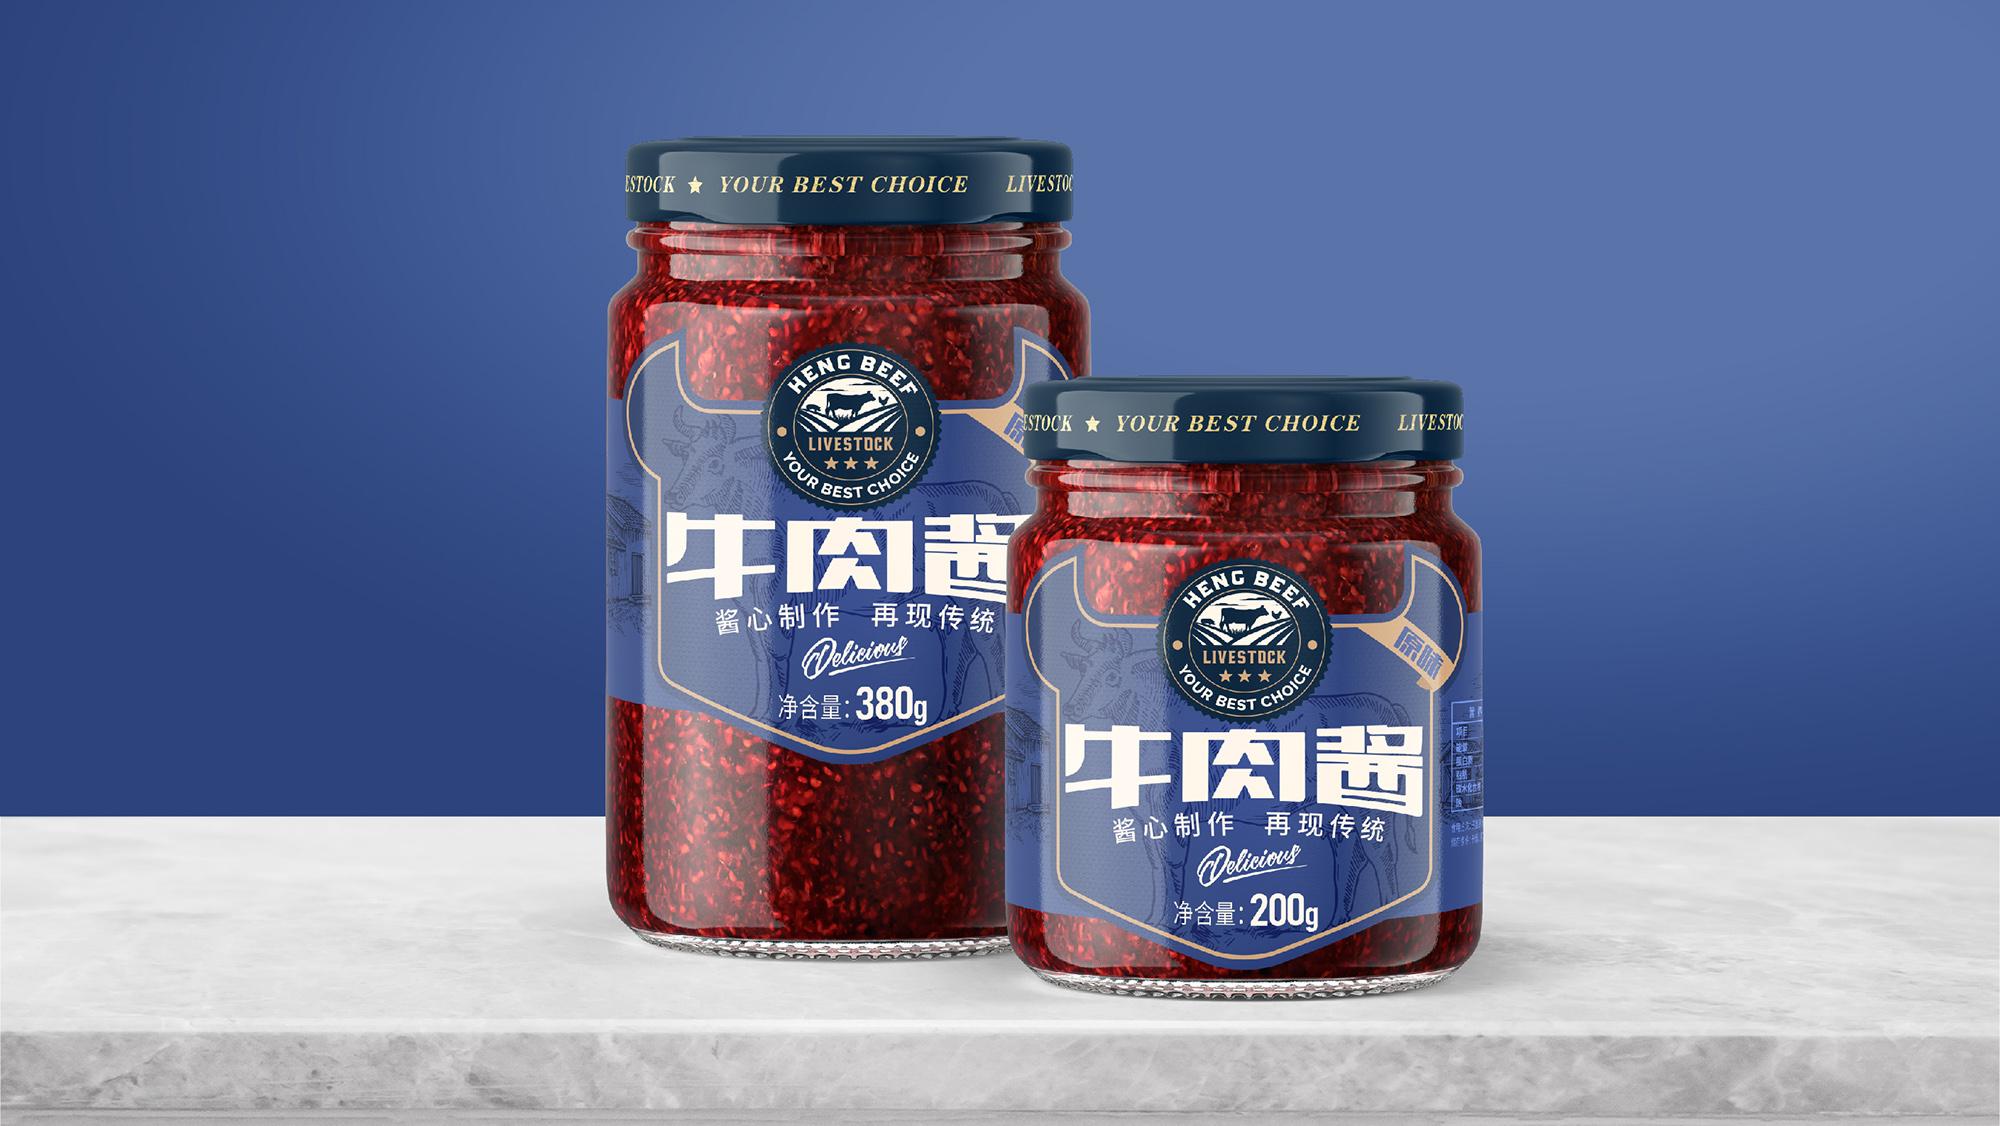 调味品牛肉酱系列包装设计   摩尼视觉团队原创